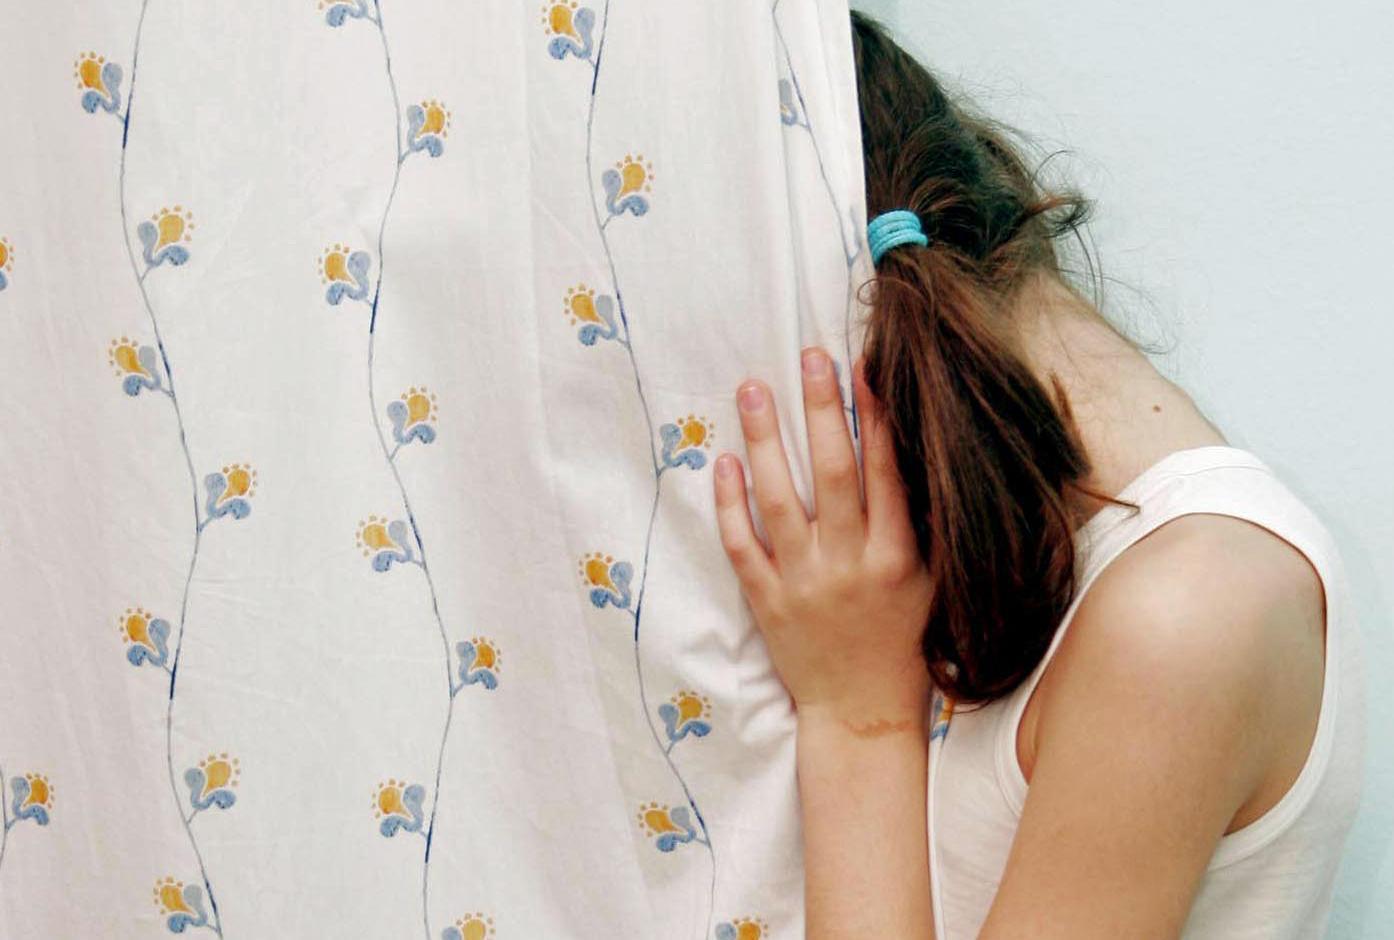 Abusa della figlia di 5 anni, arrestato